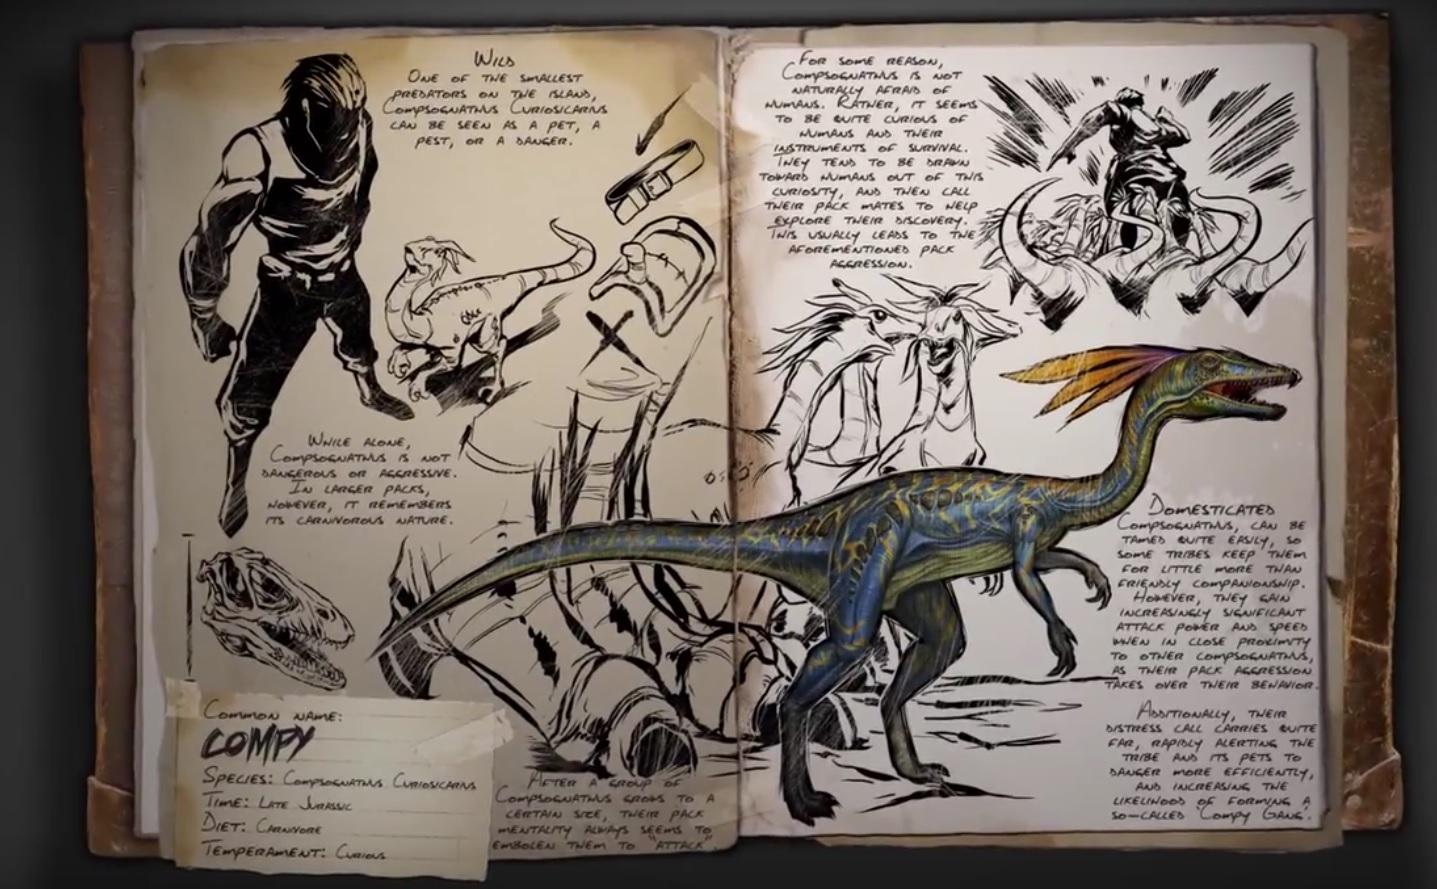 ARK: Alleine niedlich, in der Gruppe tödlich - die Minisaurier kommen!